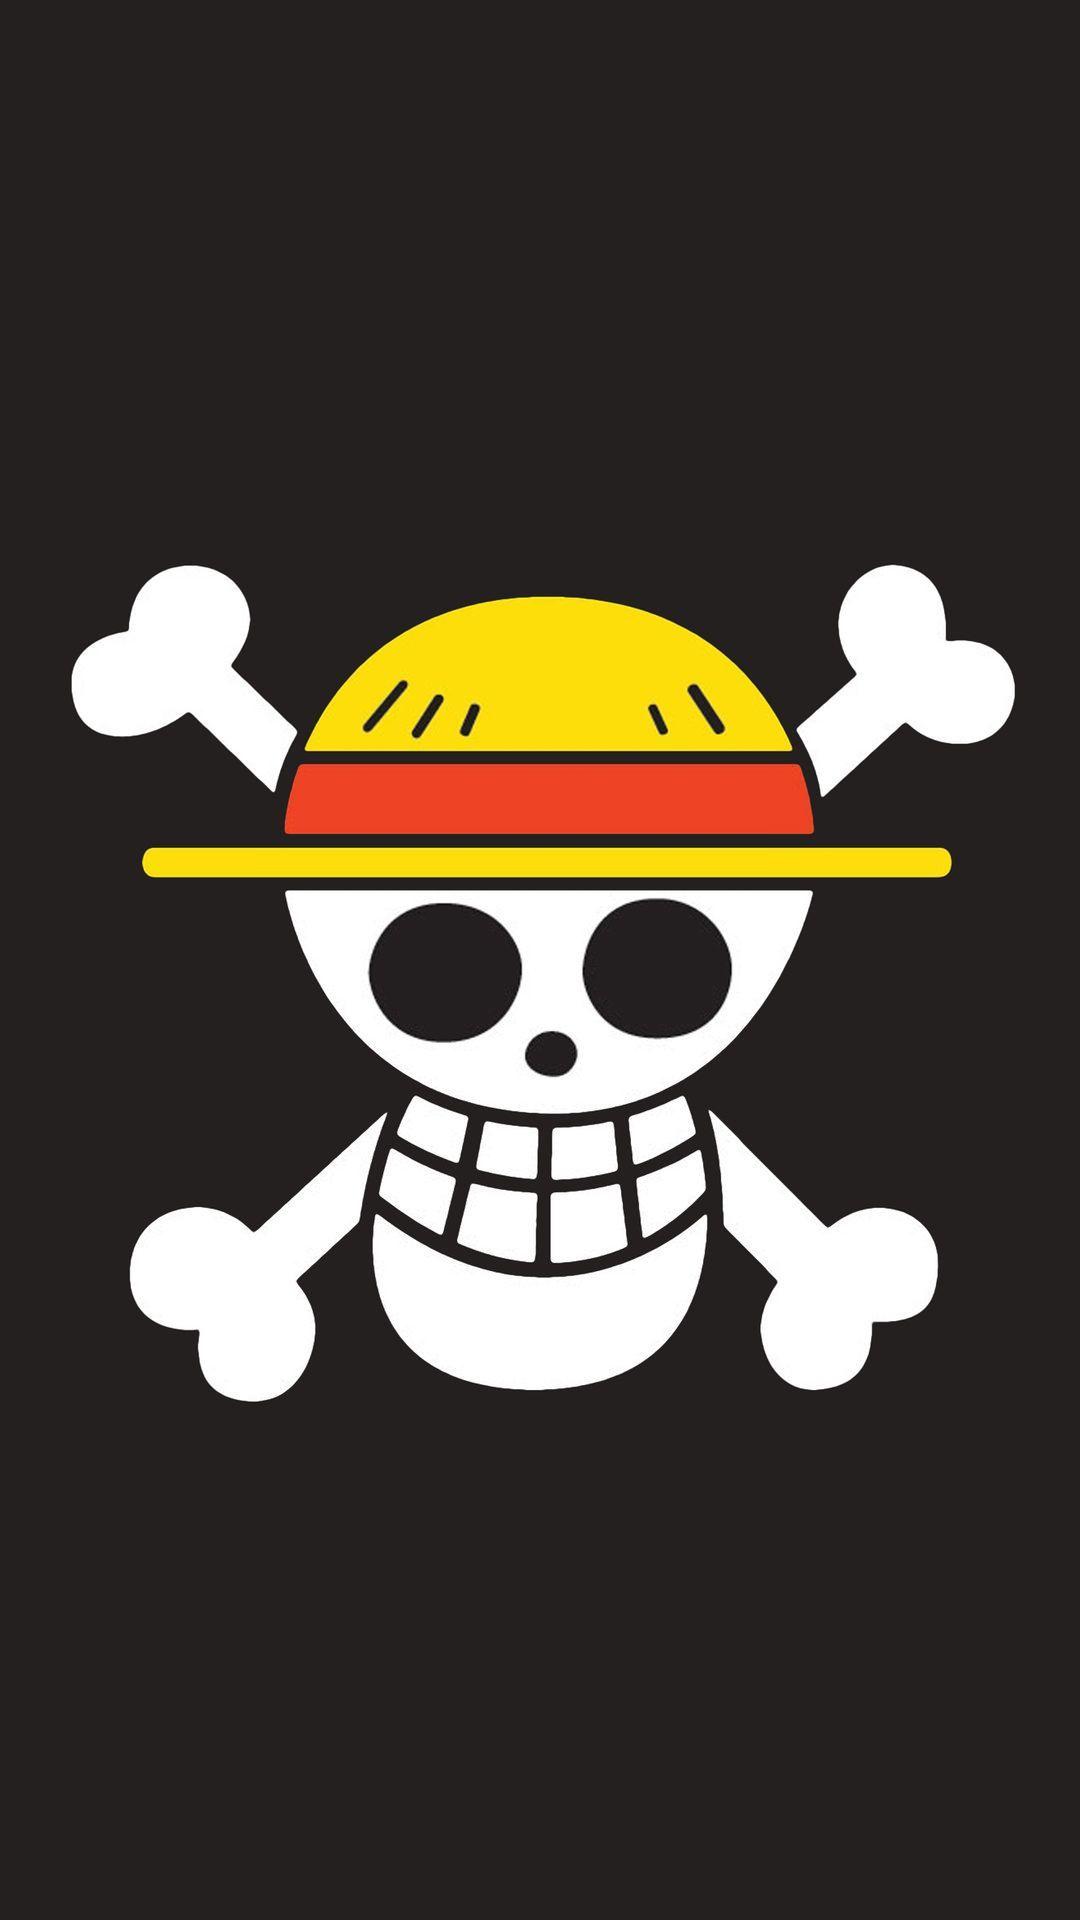 麦わら海賊旗のワンピースの壁紙 ワンピースルフィ アニメの壁紙 海賊旗